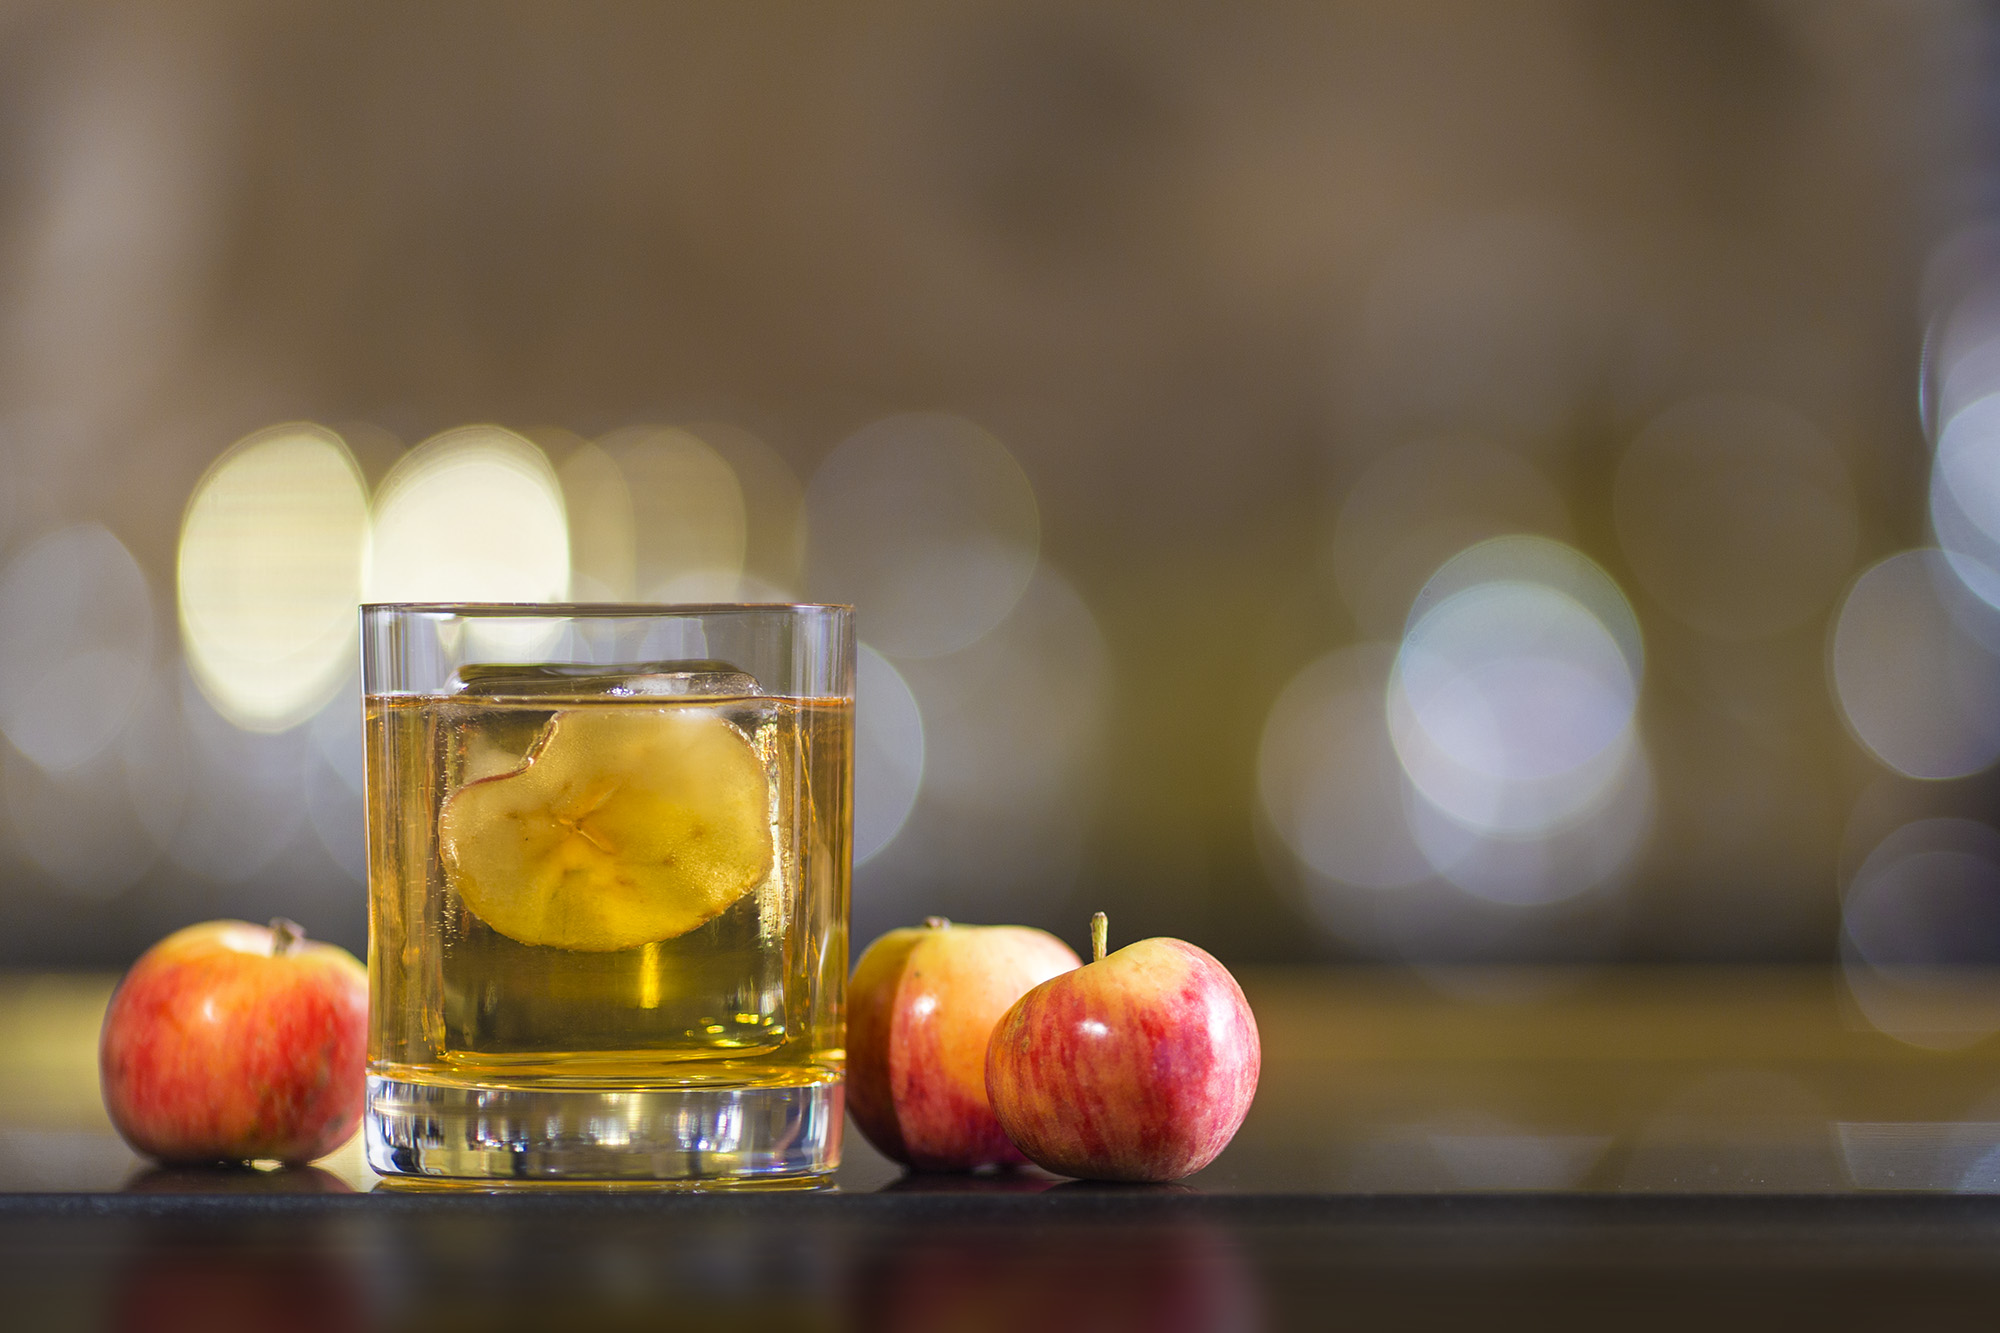 apple n rye.jpg